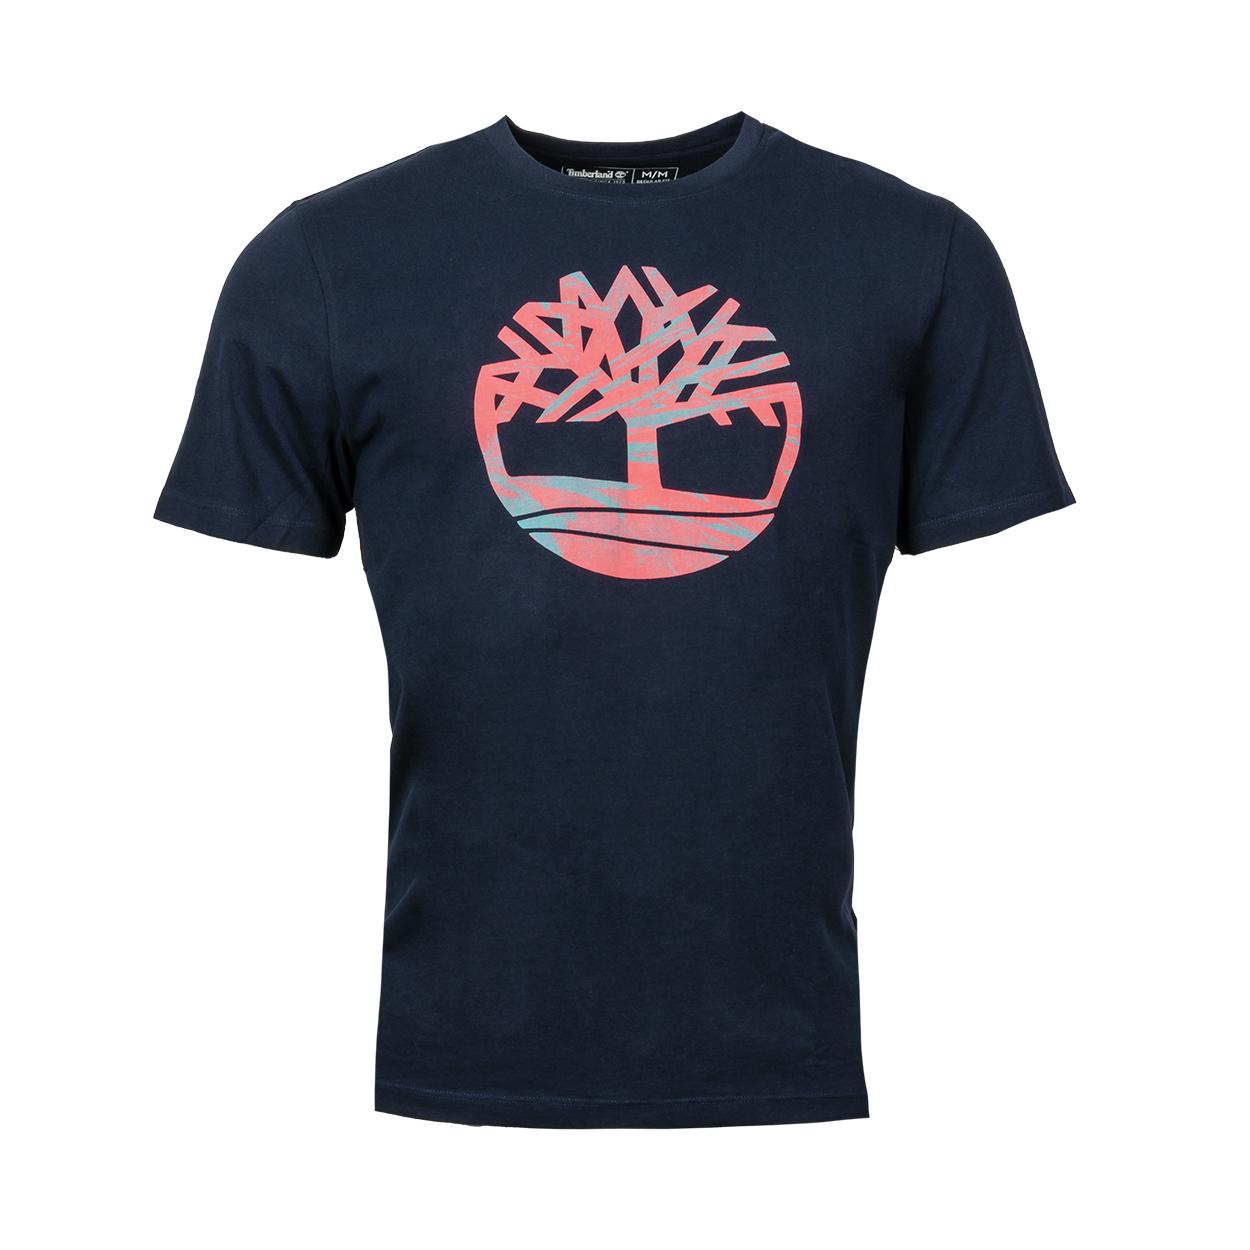 Tee-shirt col rond  en coton bleu nuit floqué rose et bleu turquoise